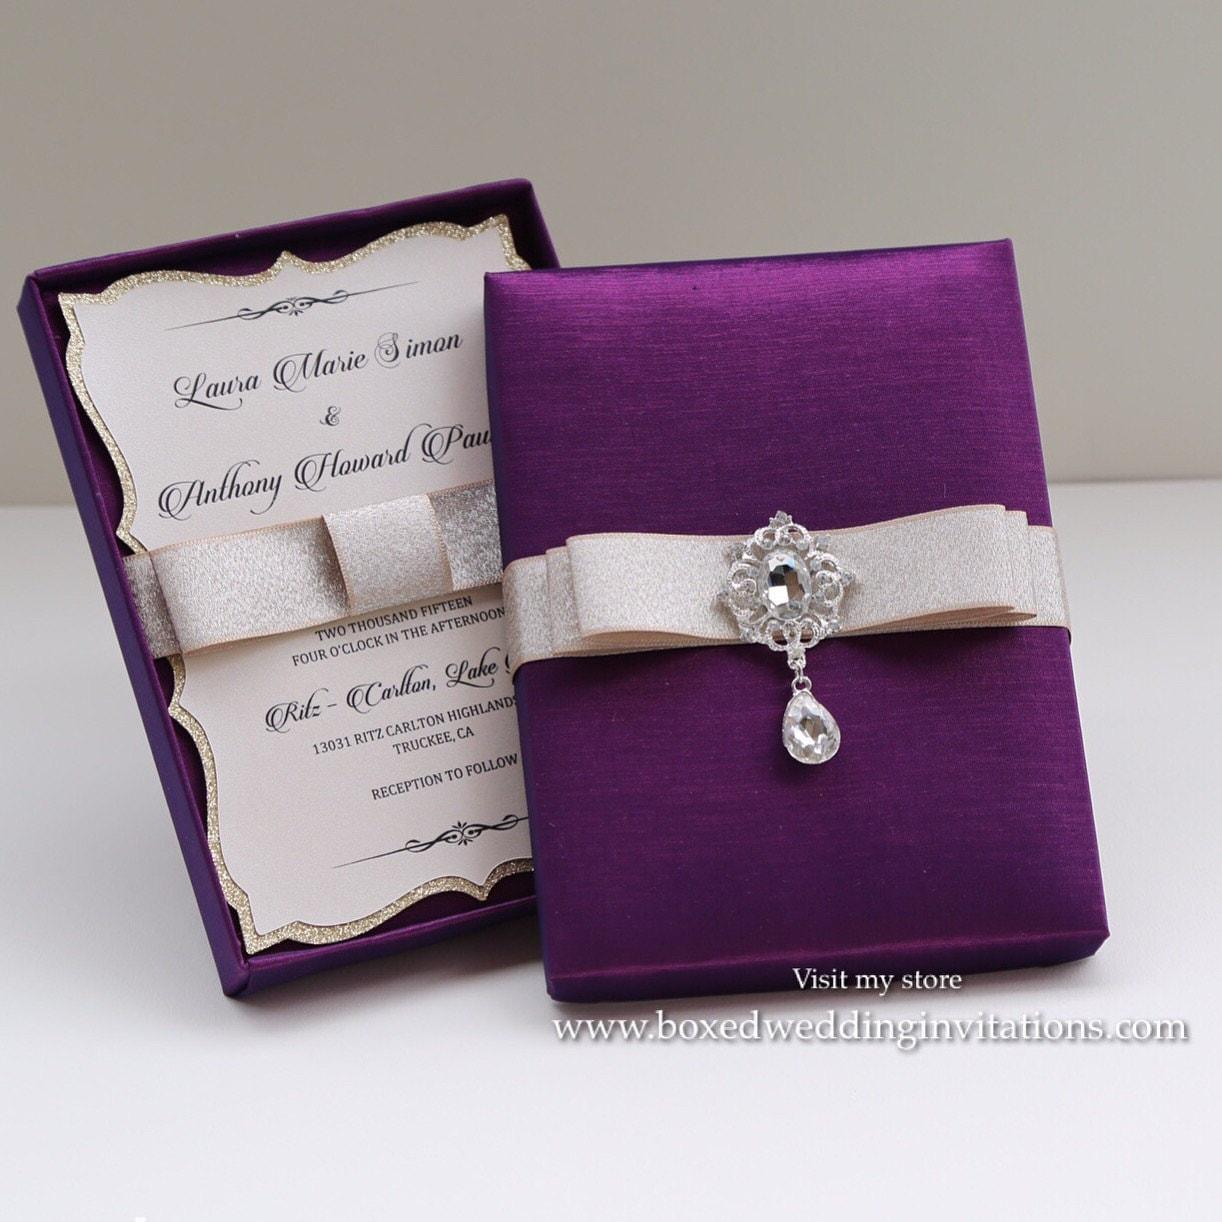 Wedding Invitation Boxes: Couture Wedding Invitation Box